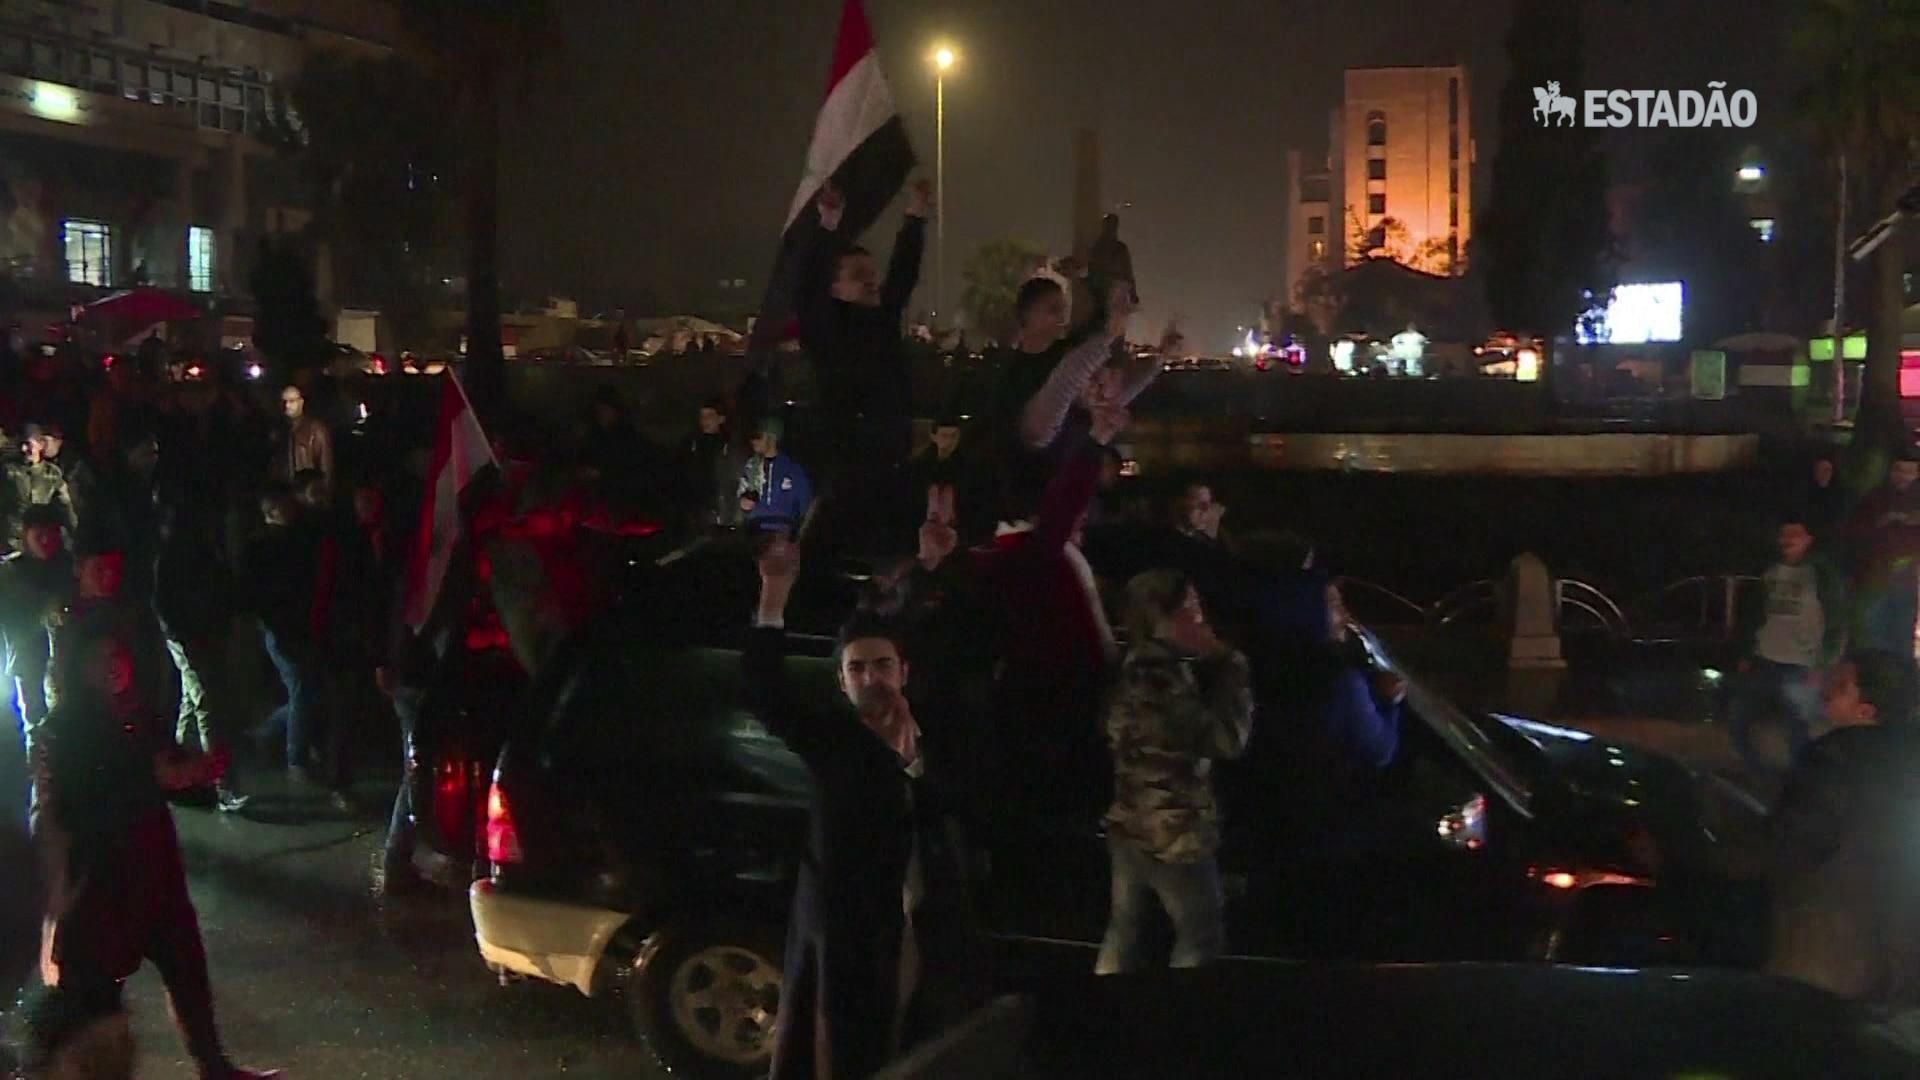 Operação do regime sírio em Aleppo chega à 'fase final'